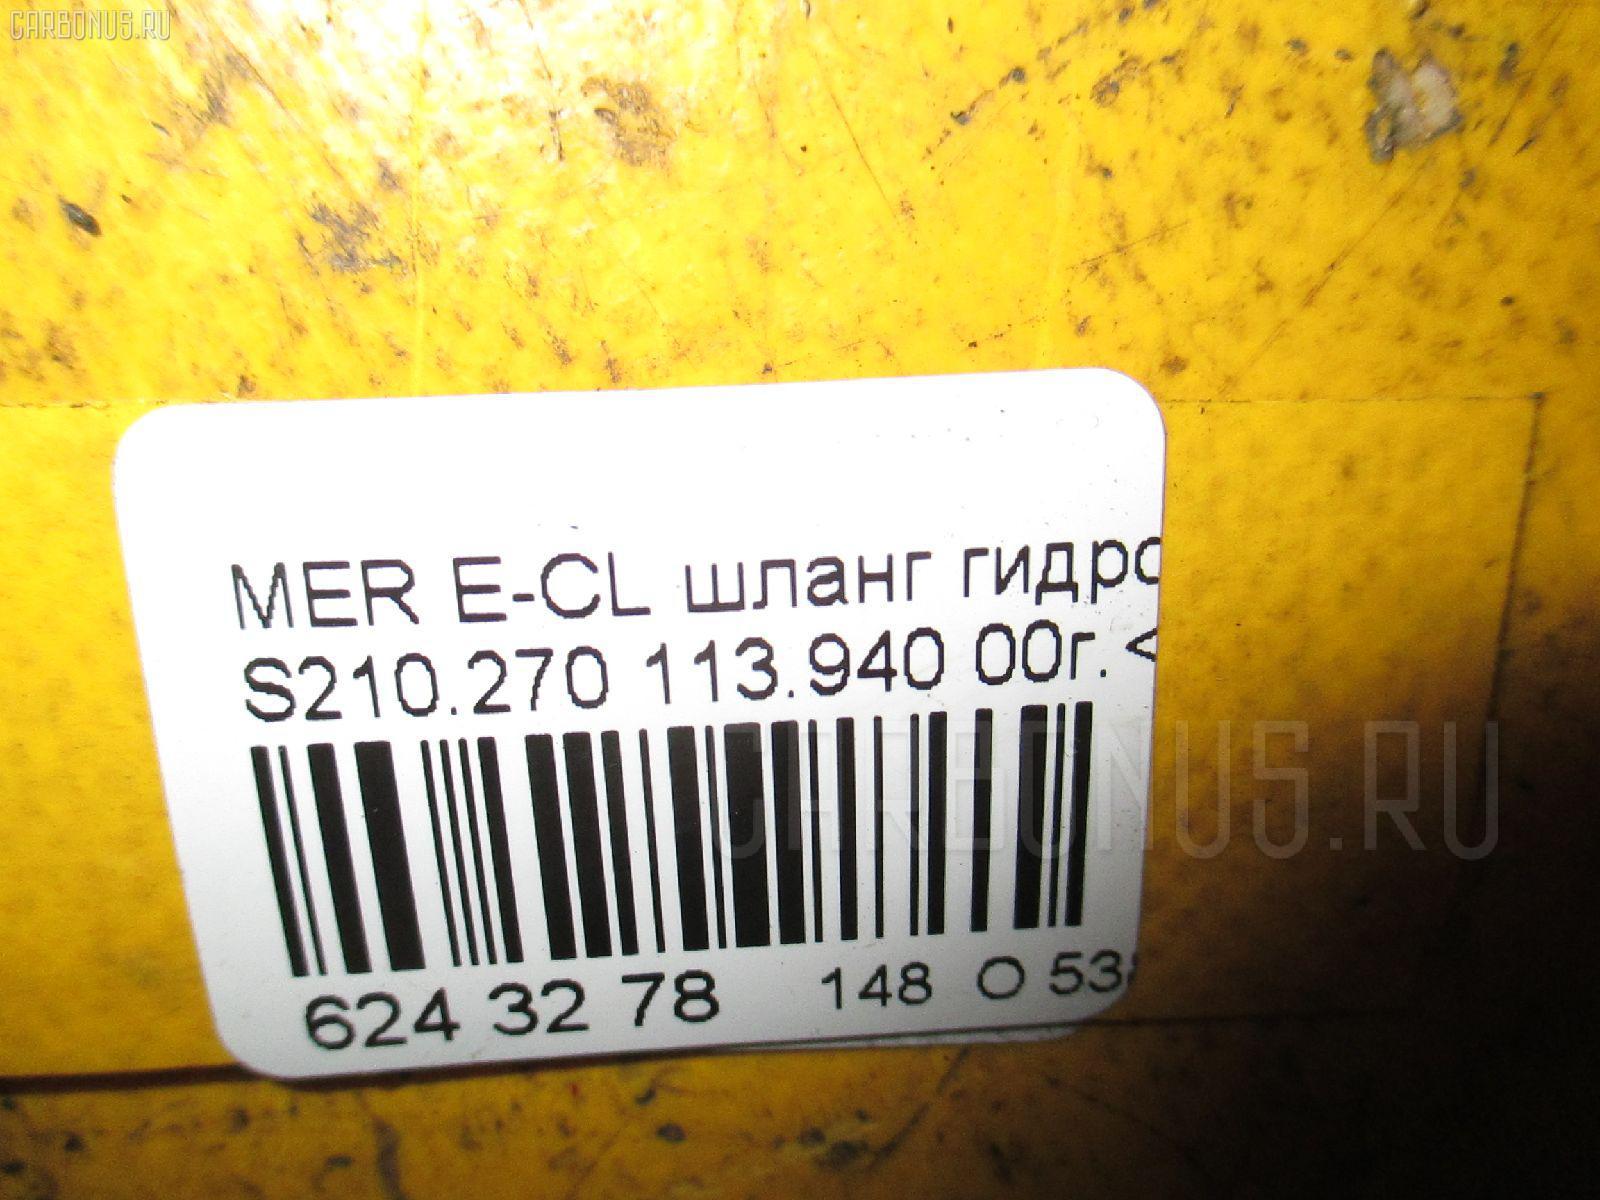 Шланг гидроусилителя MERCEDES-BENZ E-CLASS STATION WAGON S210.270 113.940 Фото 6